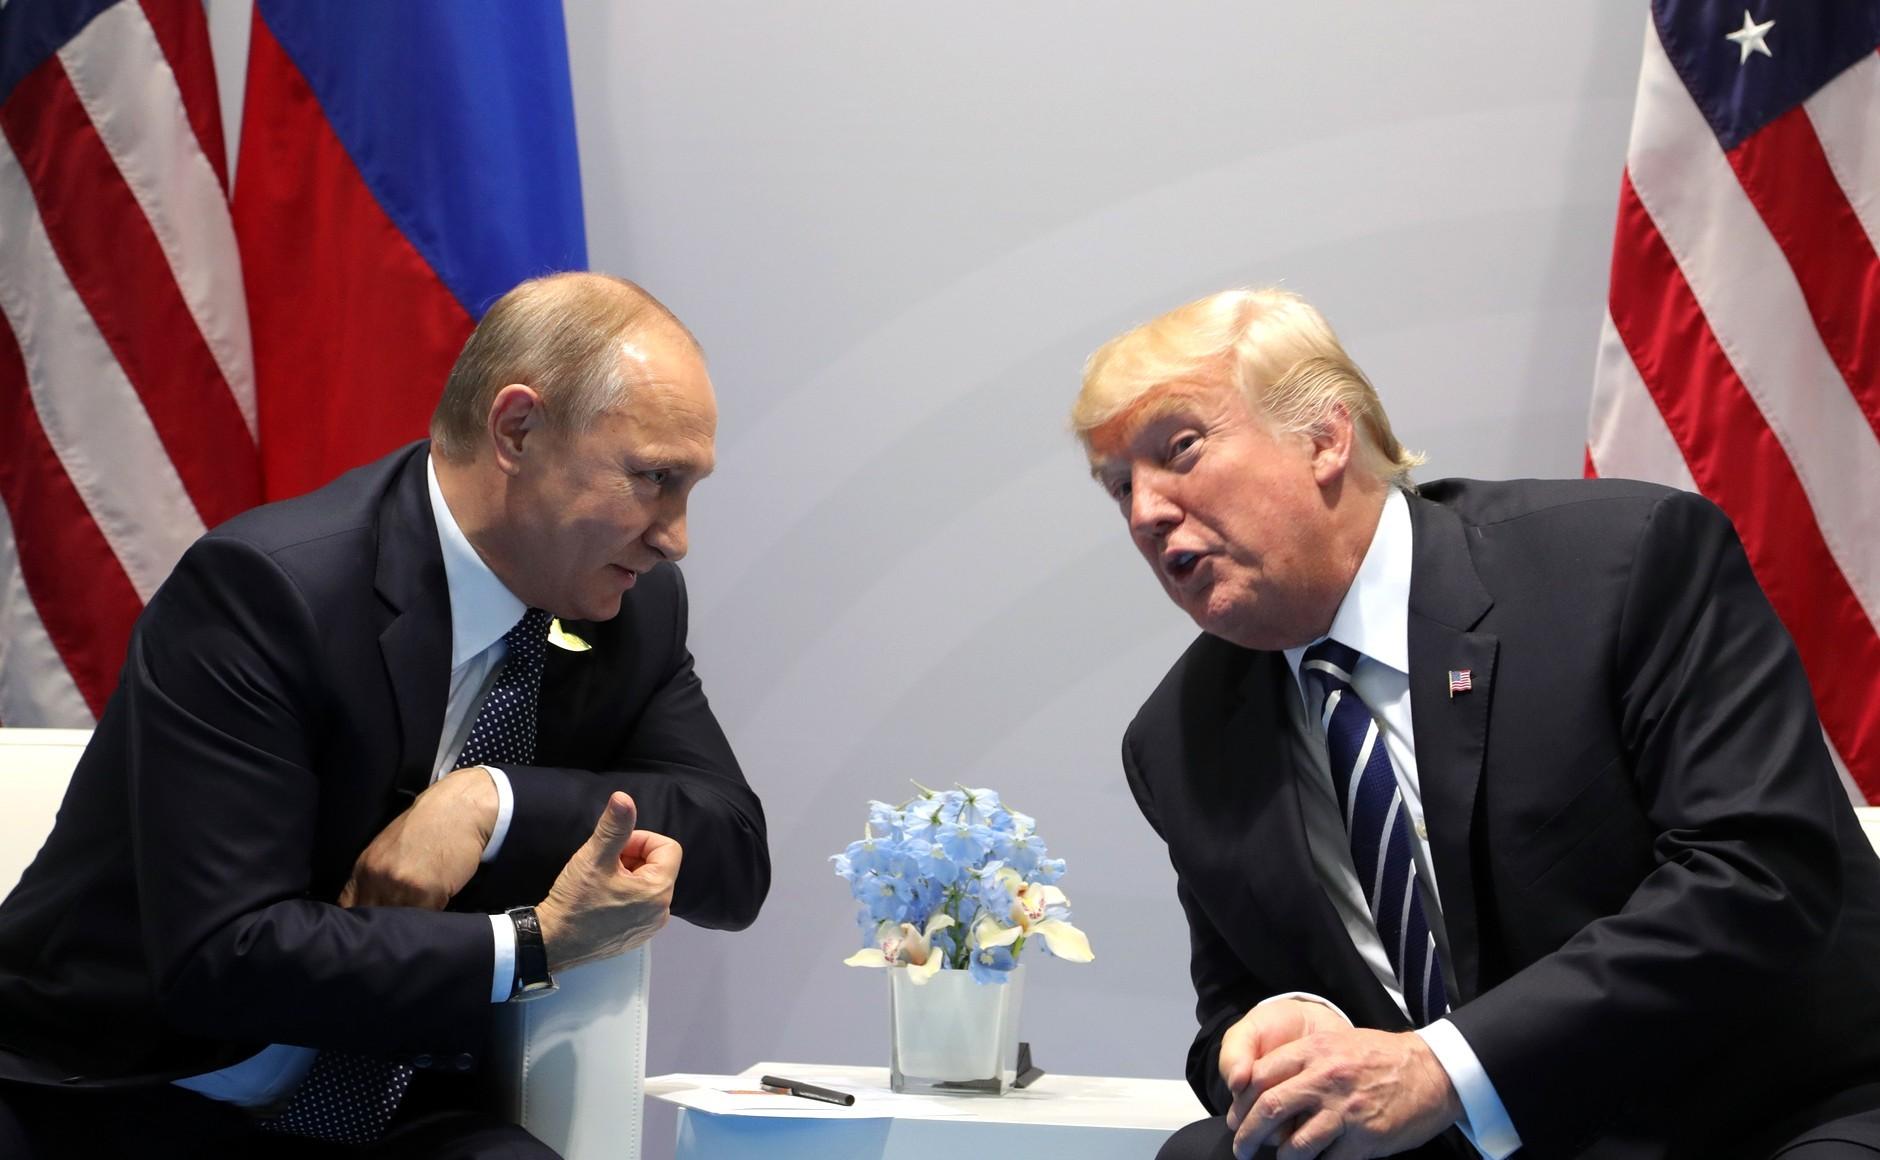 Vi spiego perché Trump apre alla Russia (in chiave anti Cina ...